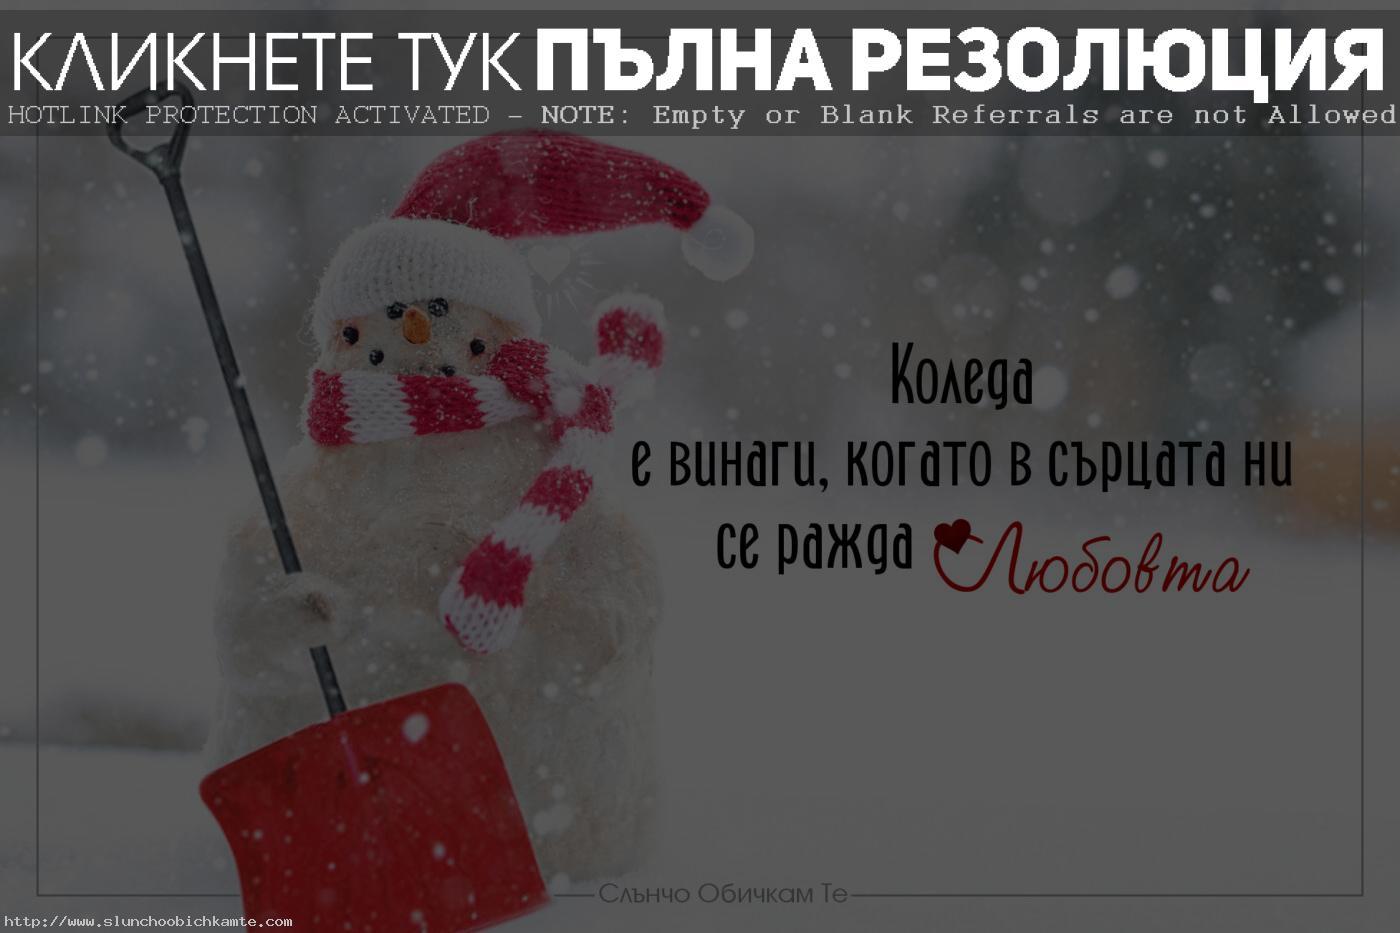 Коледа е винаги когато в сърцата ни се ражда Любовта - Весела Коледа 2020, картички за коледа, коледни пожелания и статуси, честита коледа, коледни празници 2020